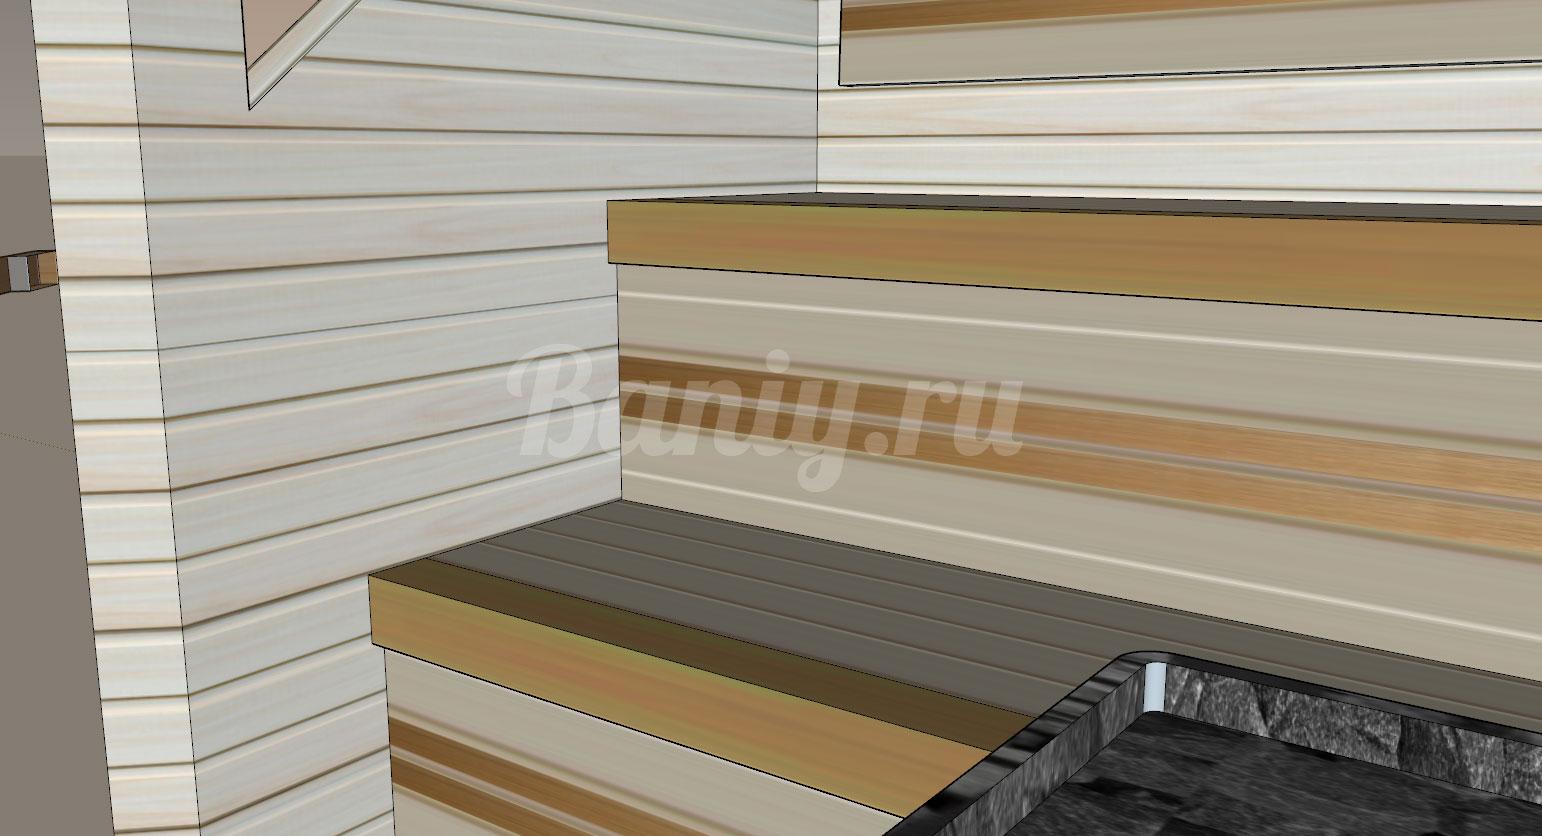 Проект сауны С-8 для частного дома или квартиры, фото 9